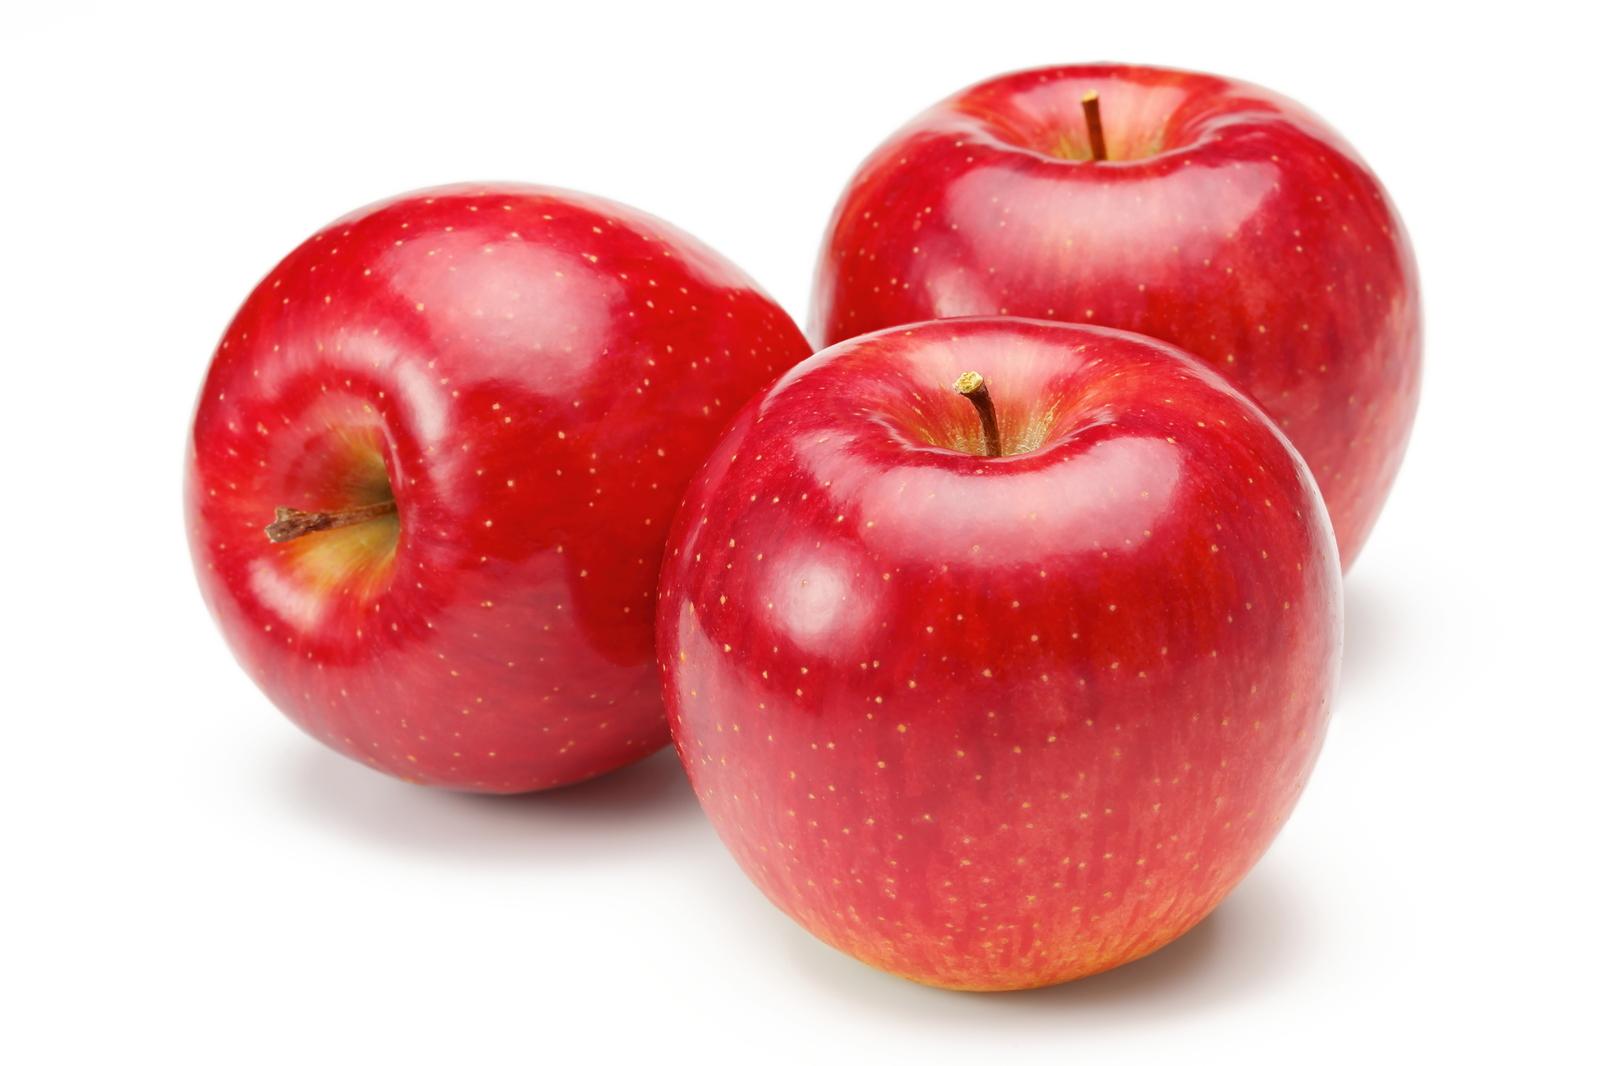 【高級フルーツ】最旬 りんご 6玉 糖度保証 13度以上 林檎